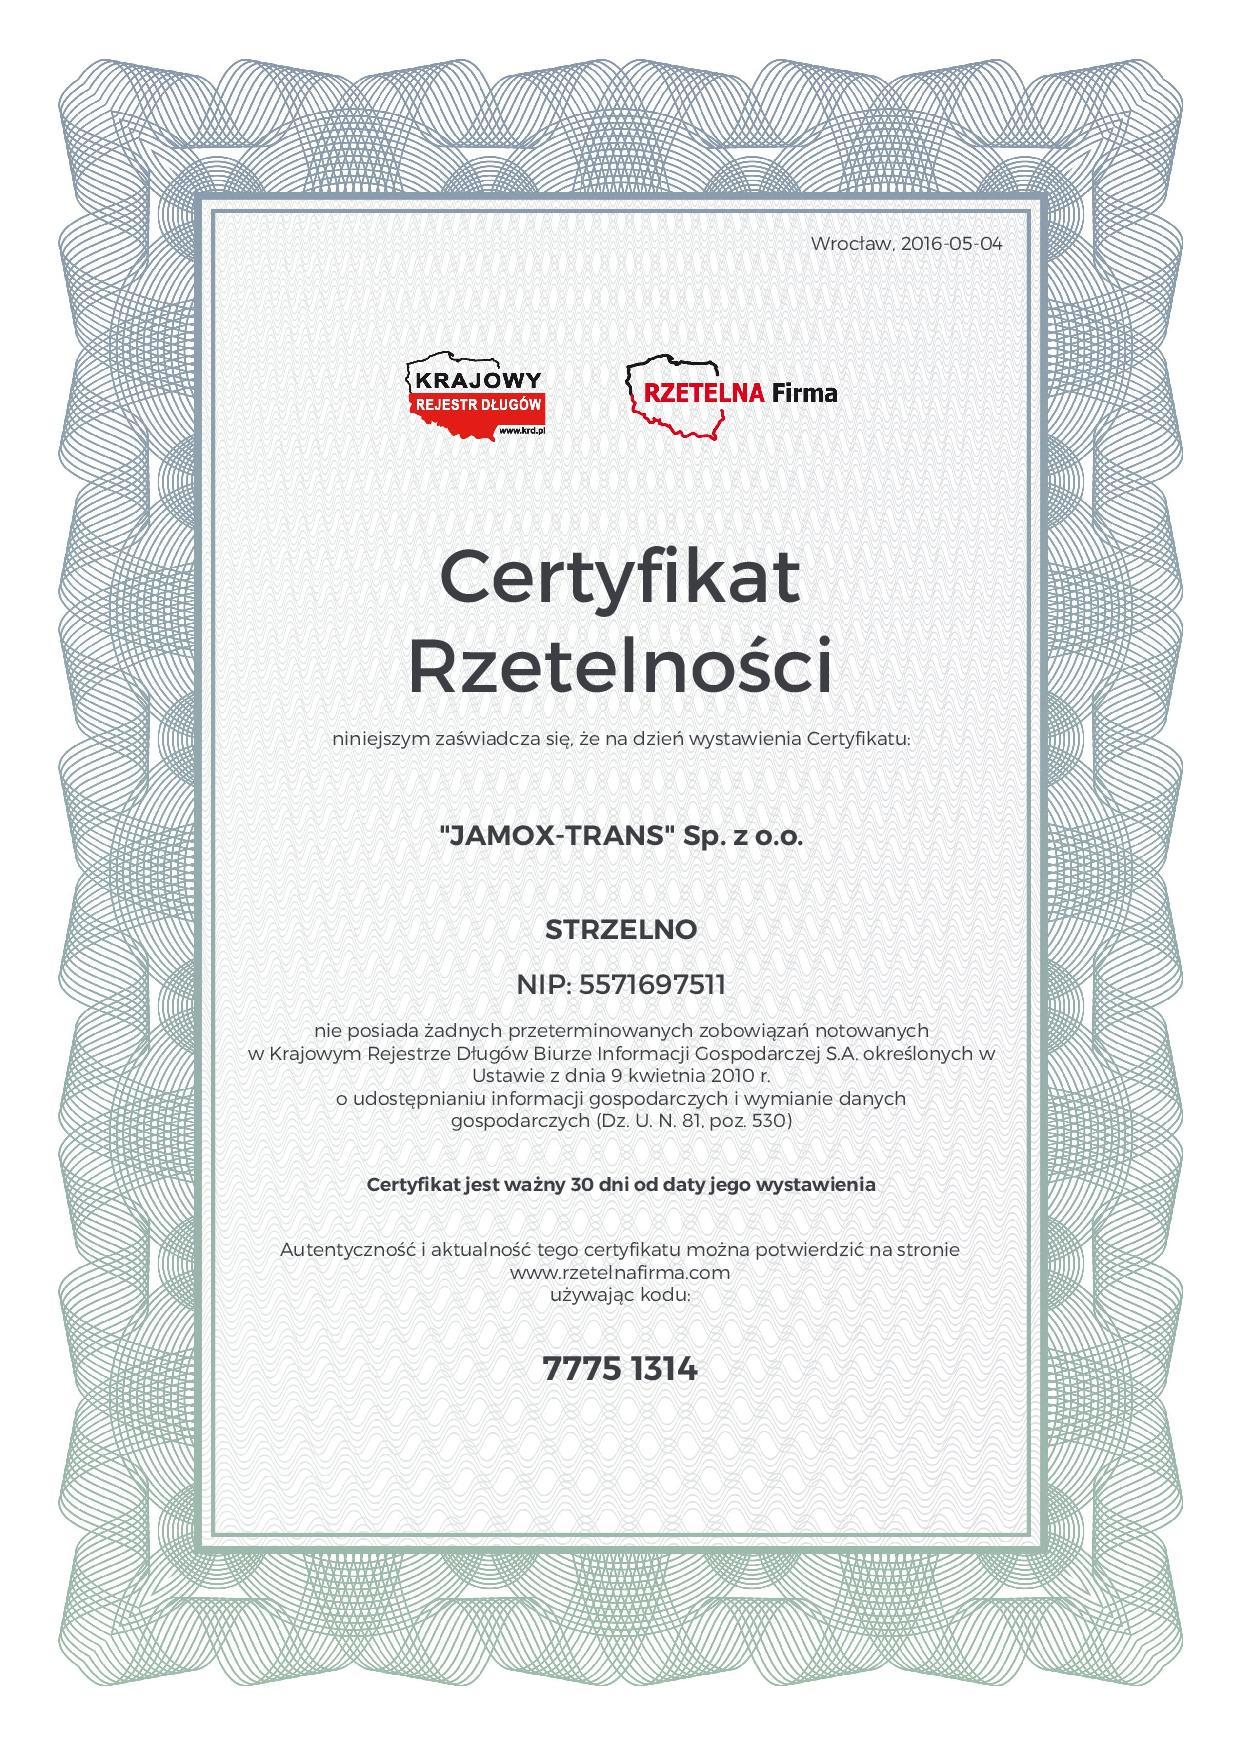 Certyfikat rzetelności Jamoxo